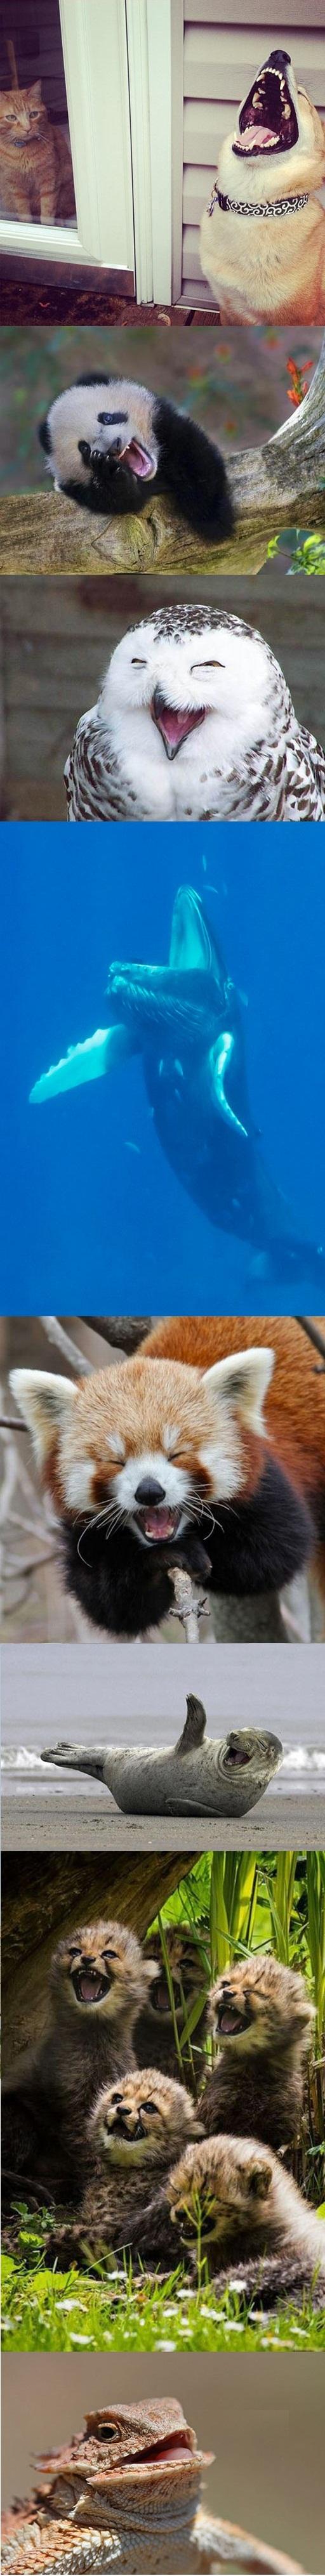 خنده حیوانات+ تصاویر